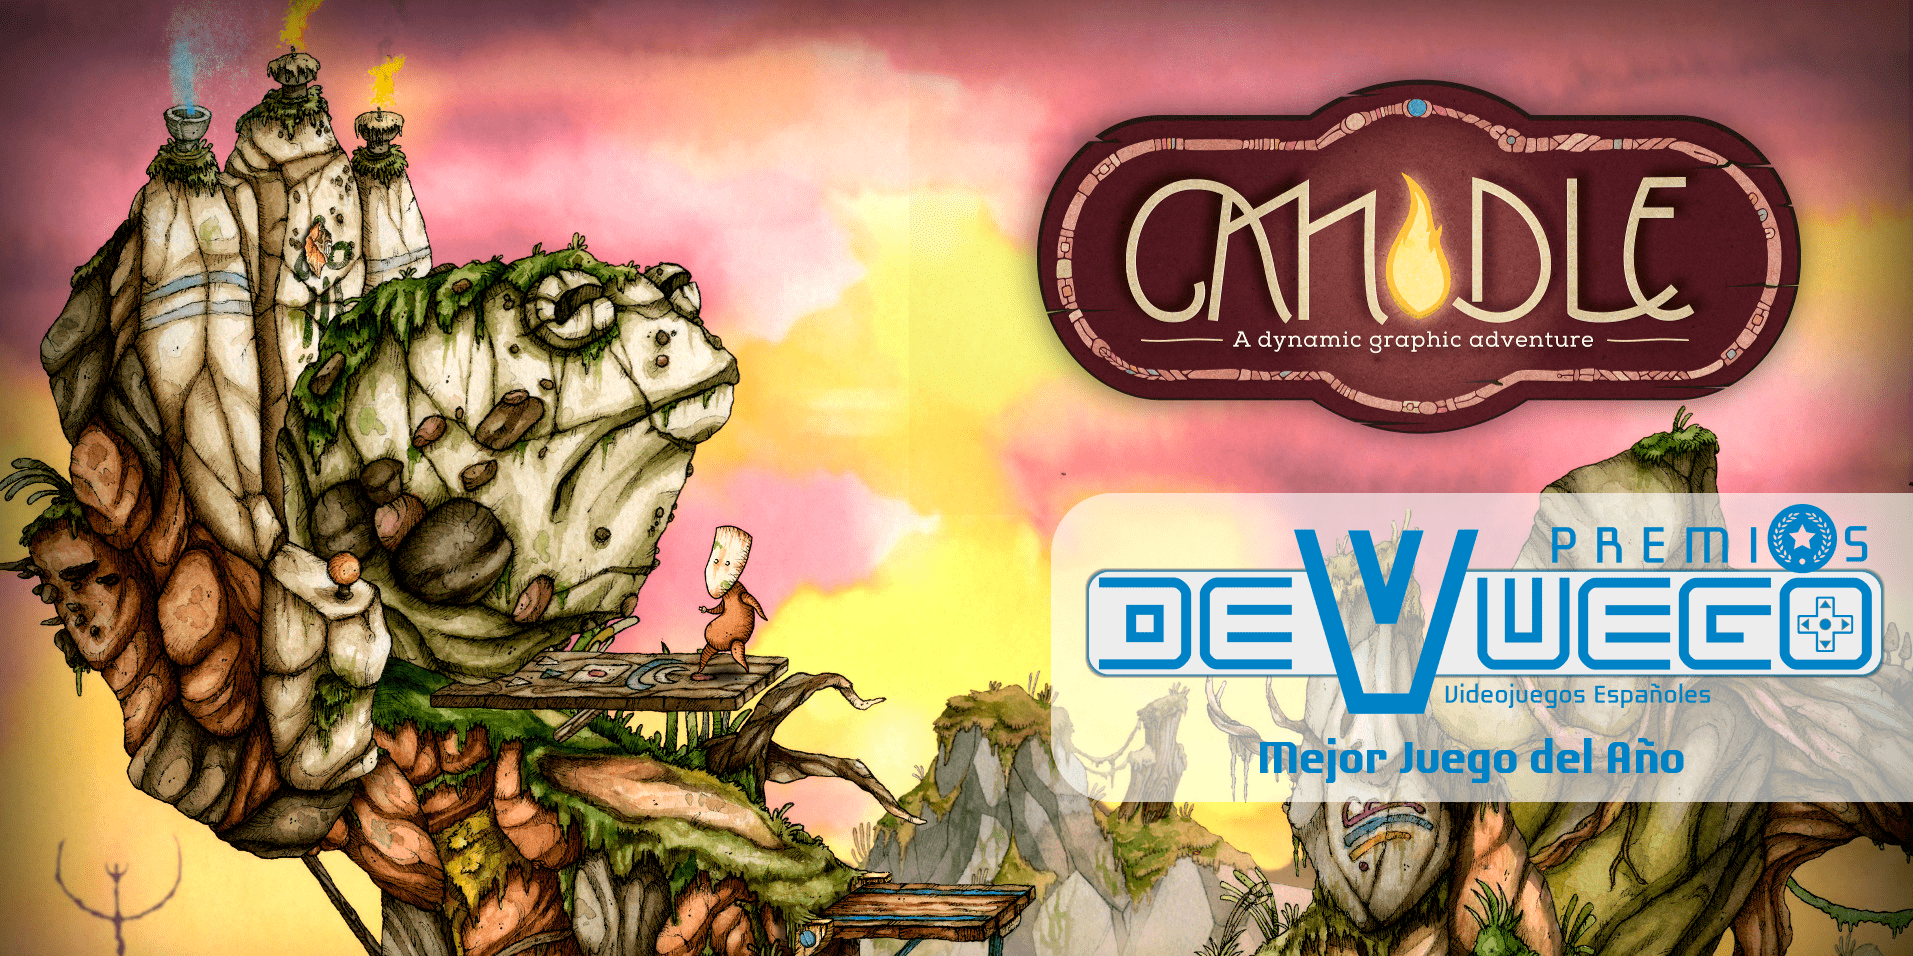 Premios DeVuego 2016: Candle, mejor videojuego español de 2016